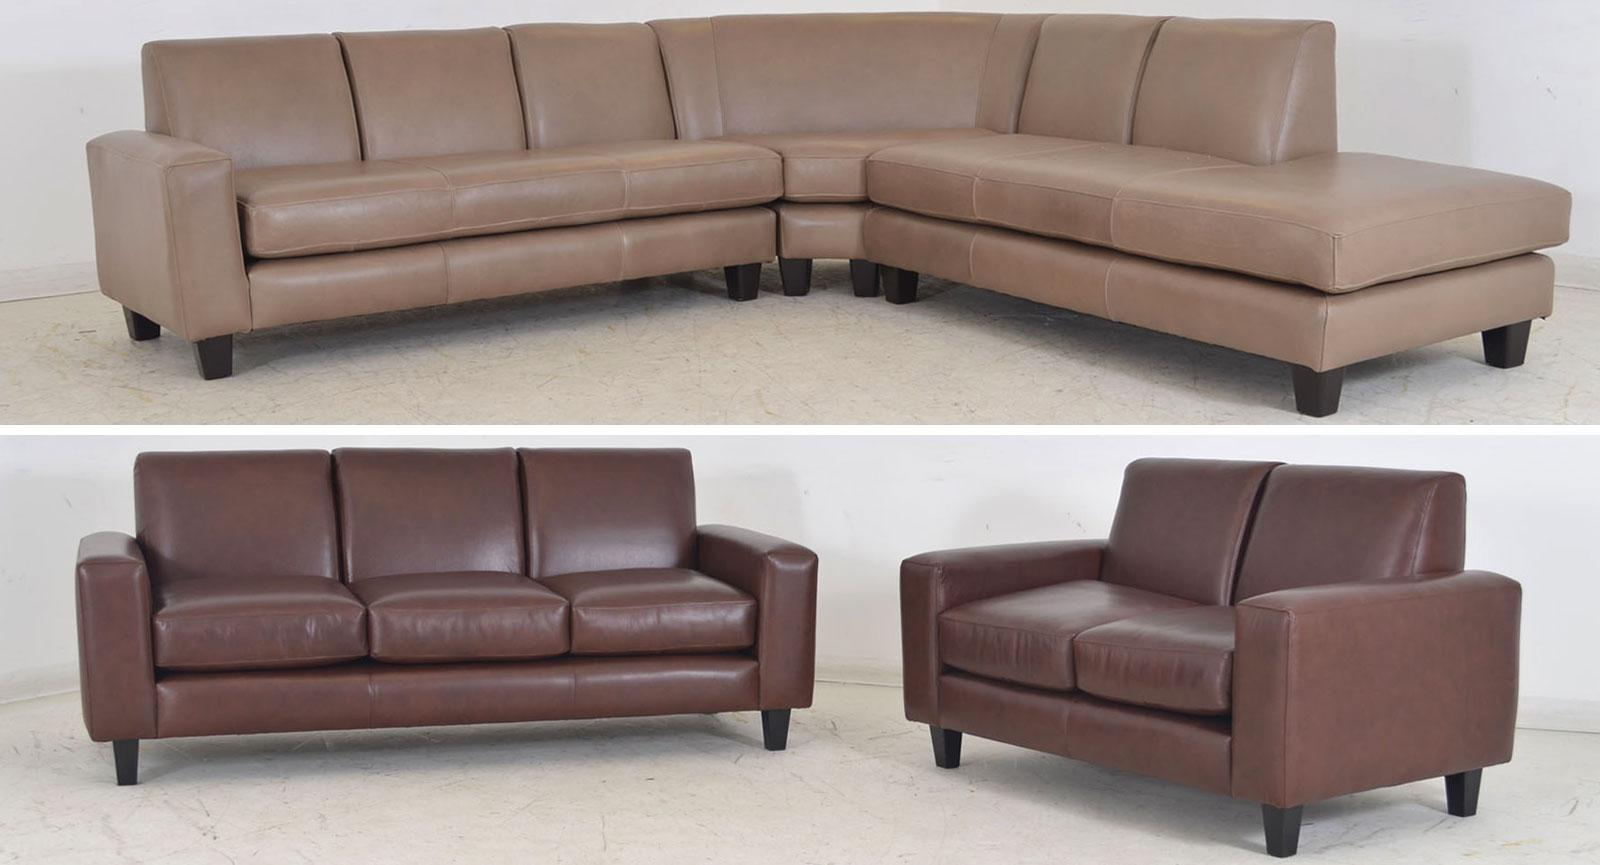 Sofas elegantes elegante sofas gros elegante conjunto de for Sofa elegante